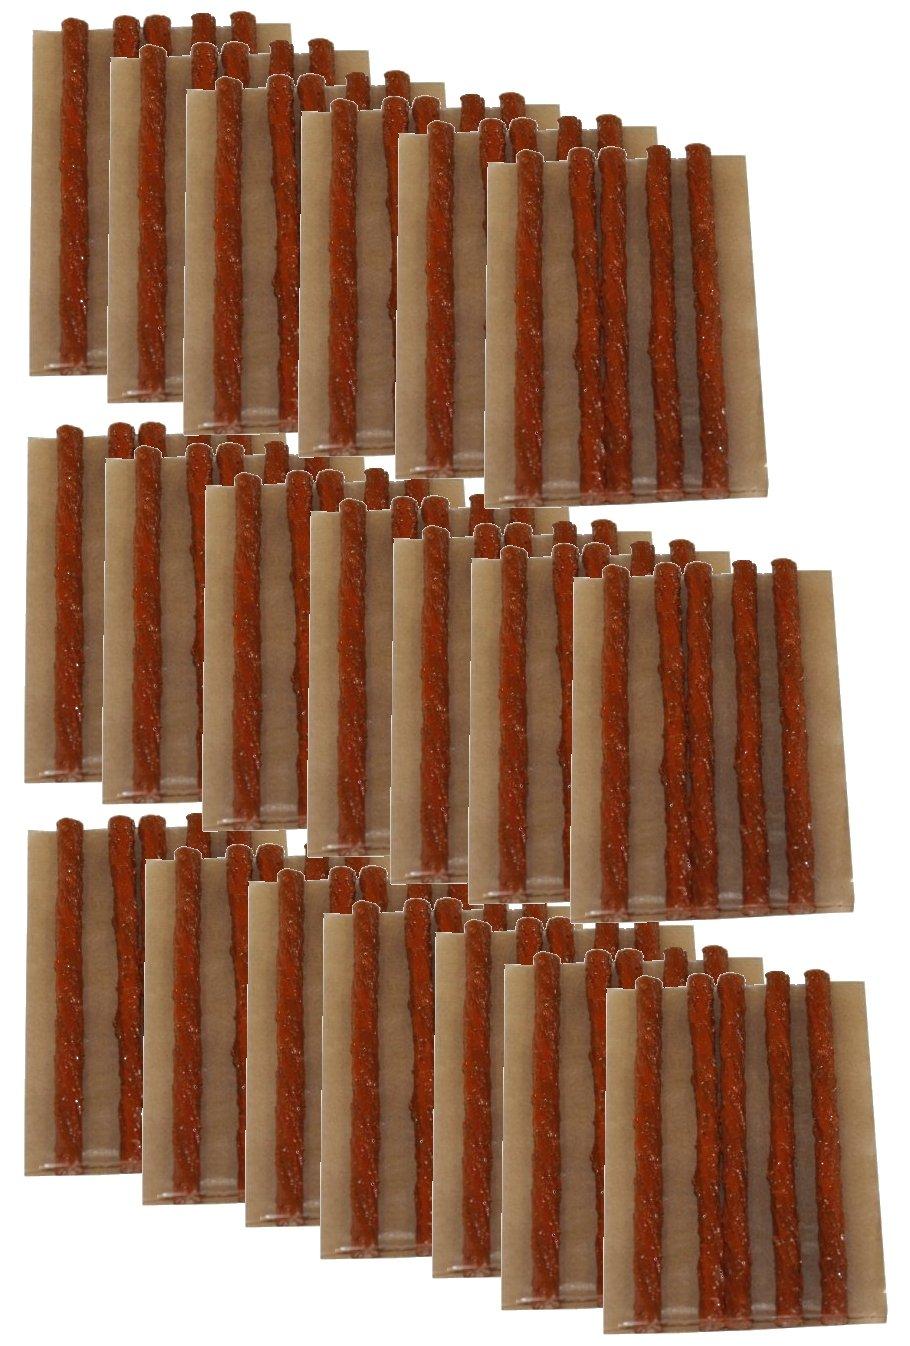 Aerzetix: Lot de 100 mè ches longues 10cm pour kit de ré paration de pneu voiture auto moto - C1648 3800946169109